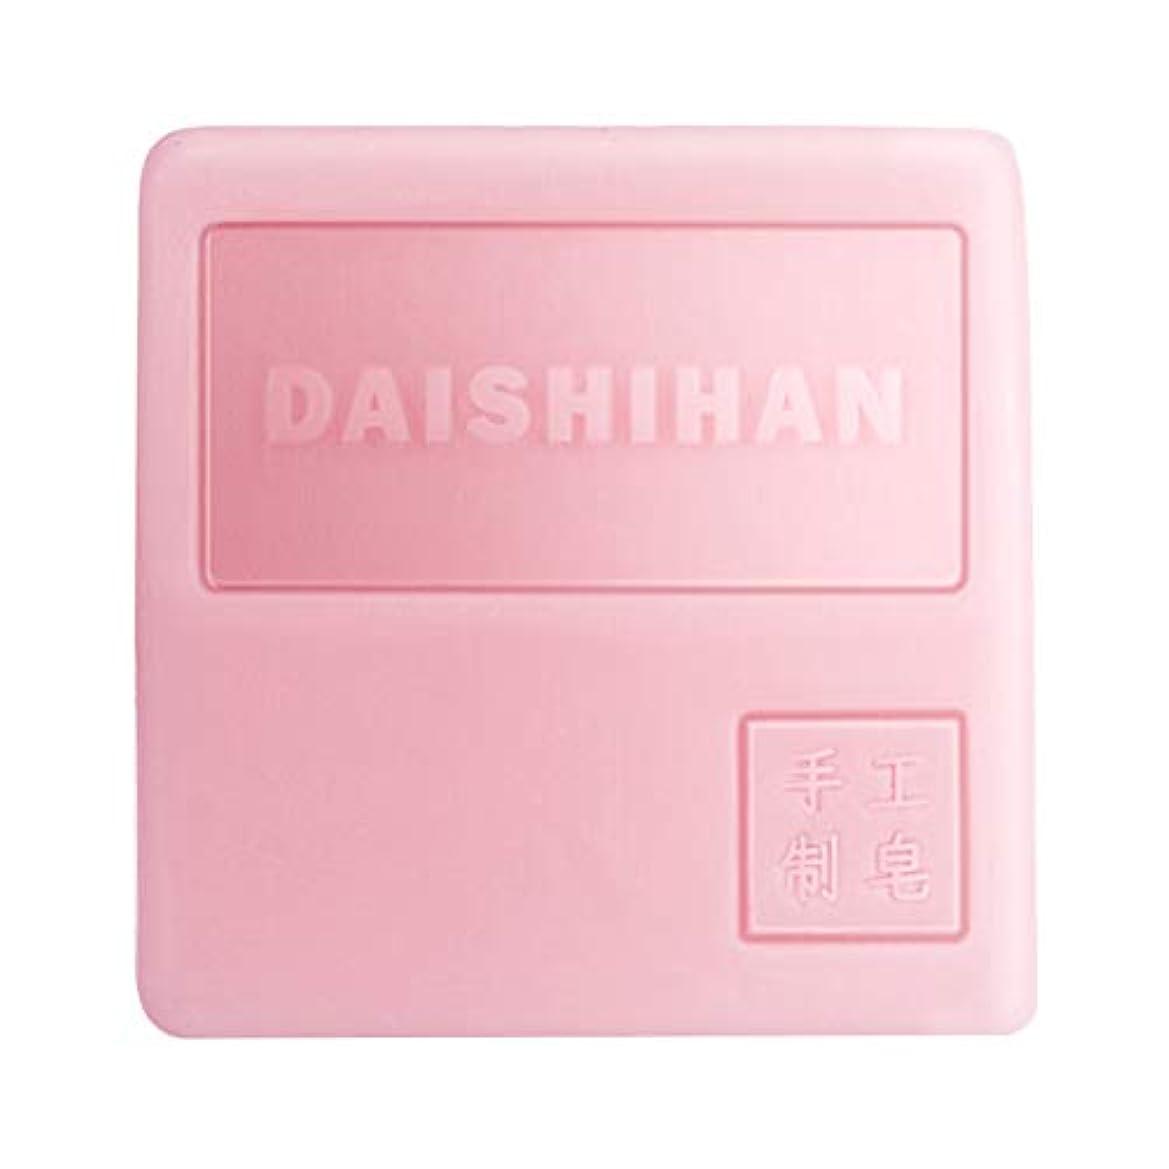 カセット気候の山発明TOPBATHY Skin Whitening Soap Body Natural Handmade Soap Bar Women Private Body Bath Shower